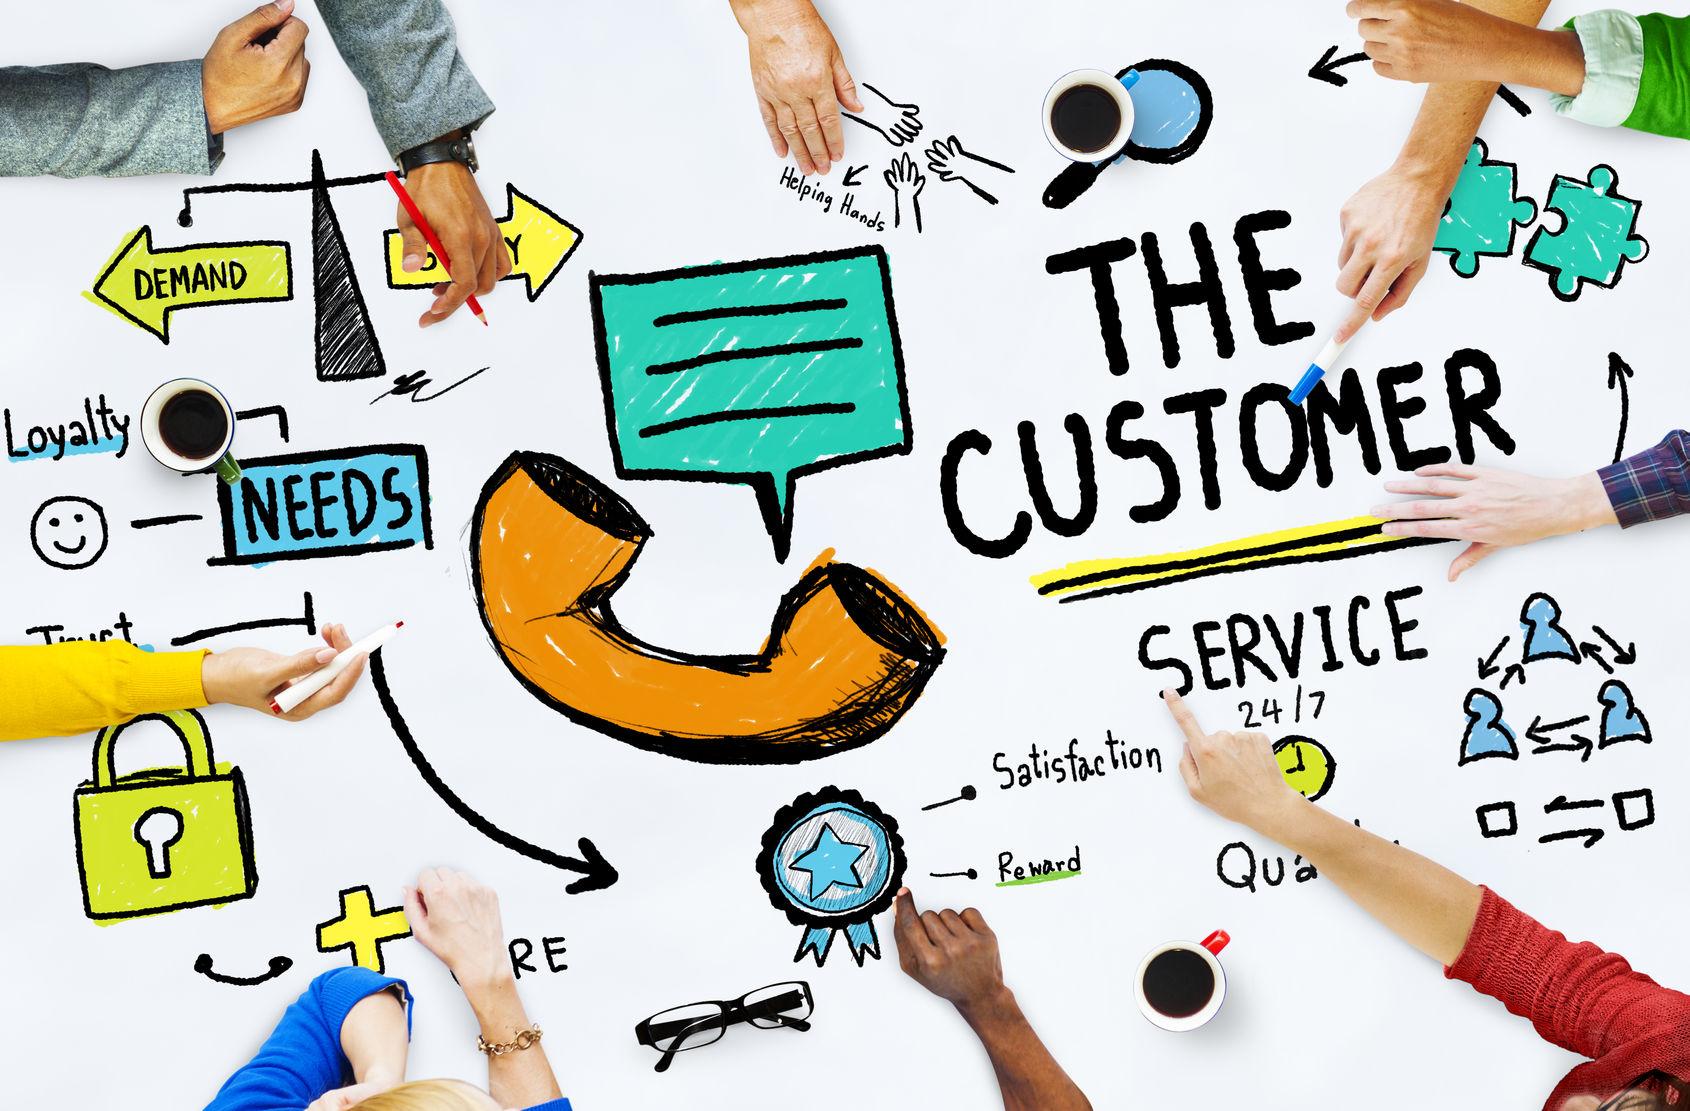 Gestire l'esperienza del cliente puntando a una vera Customer Centricity